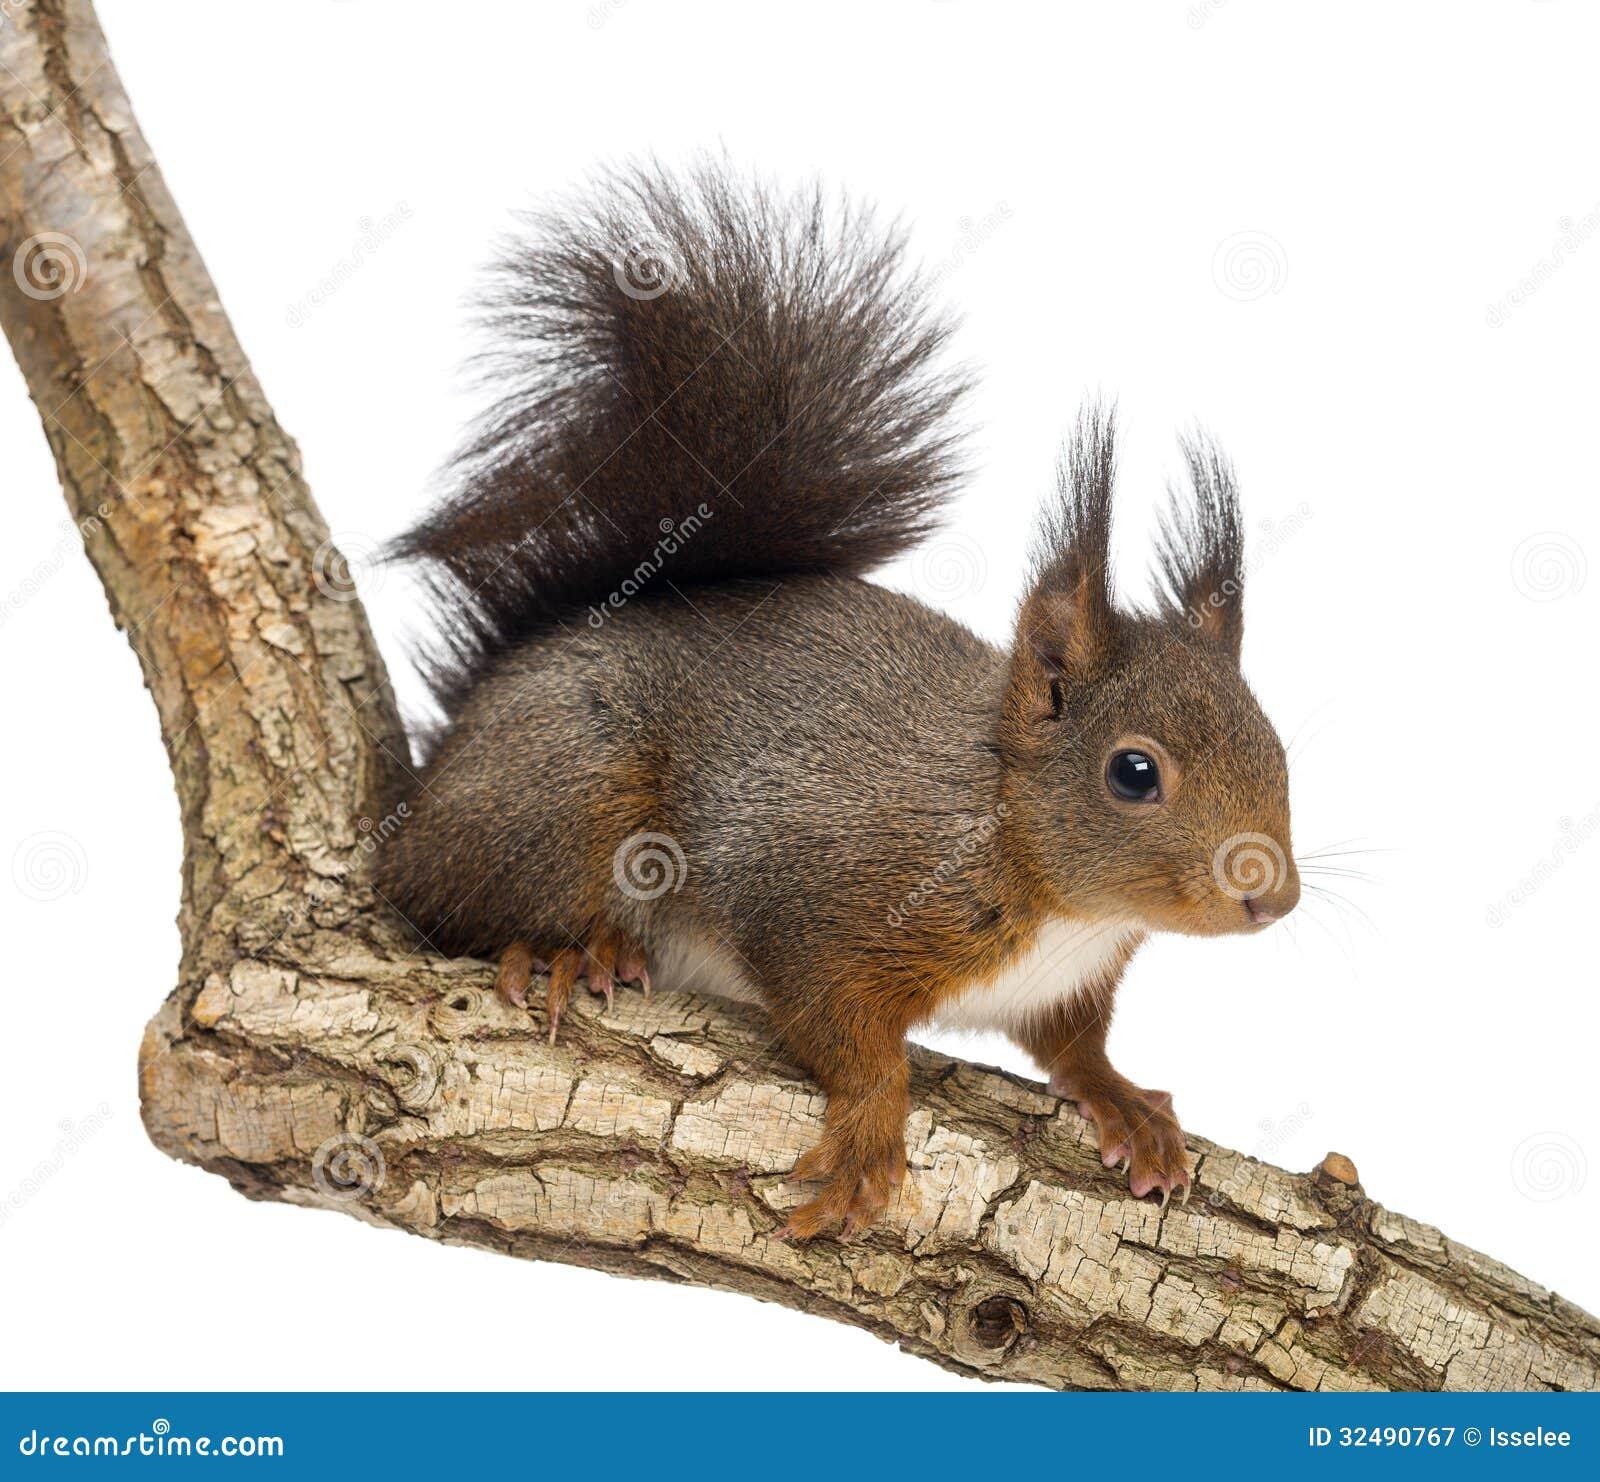 Czerwona wiewiórka lub Eurazjatycka czerwona wiewiórka, Sciurus vulgaris, pozycja